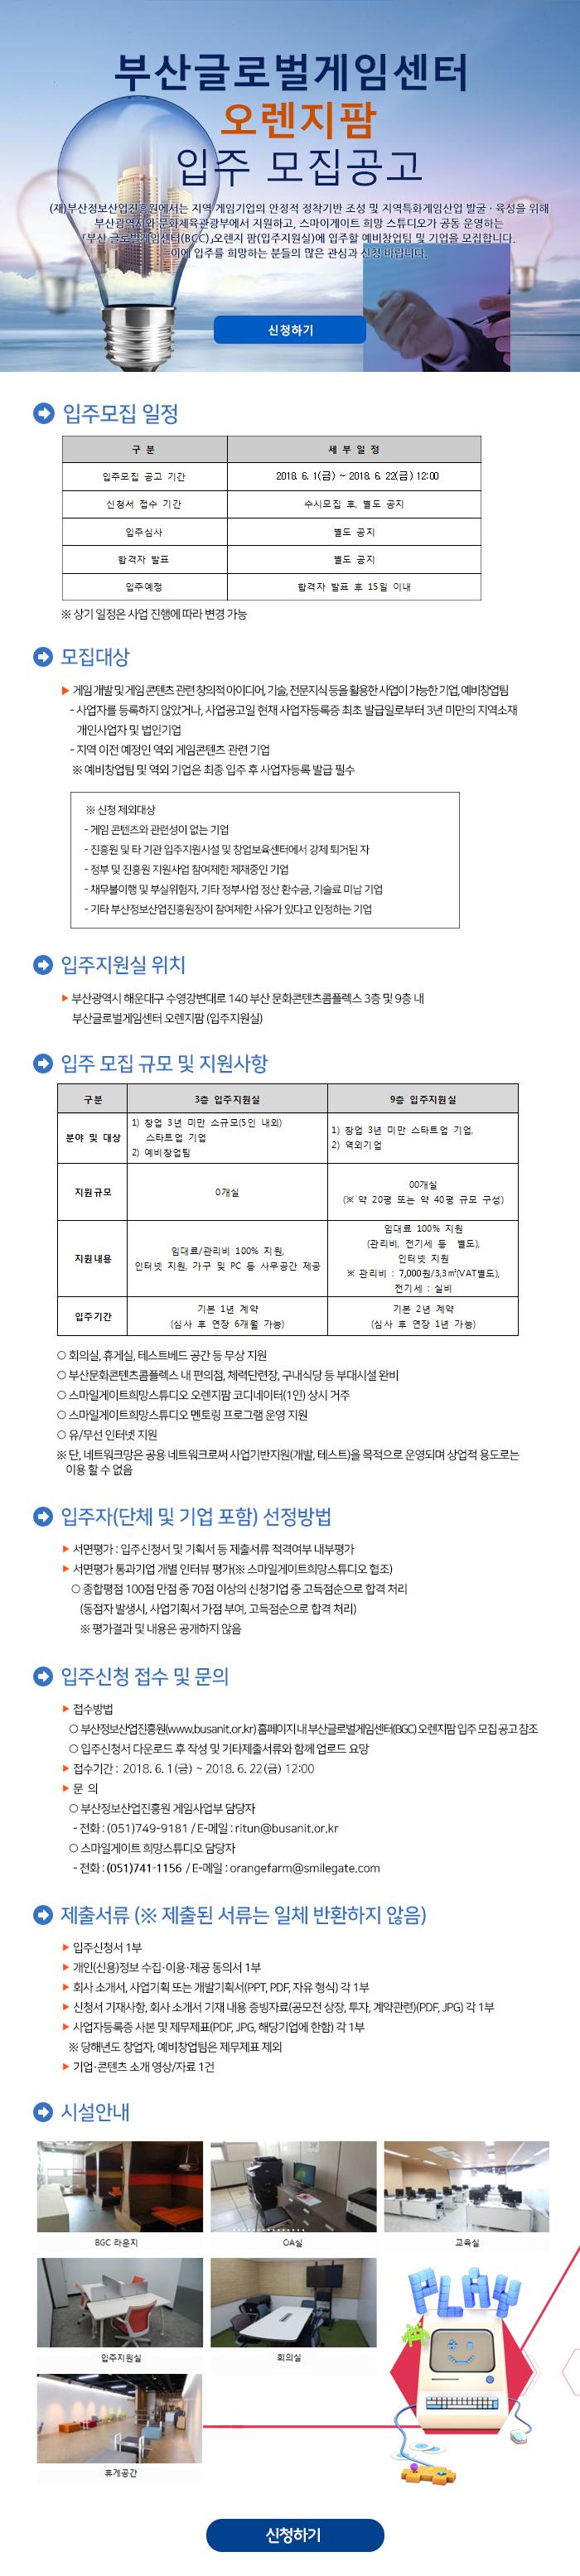 부산글로벌게임센터 오렌지팜 입주 모집 공고